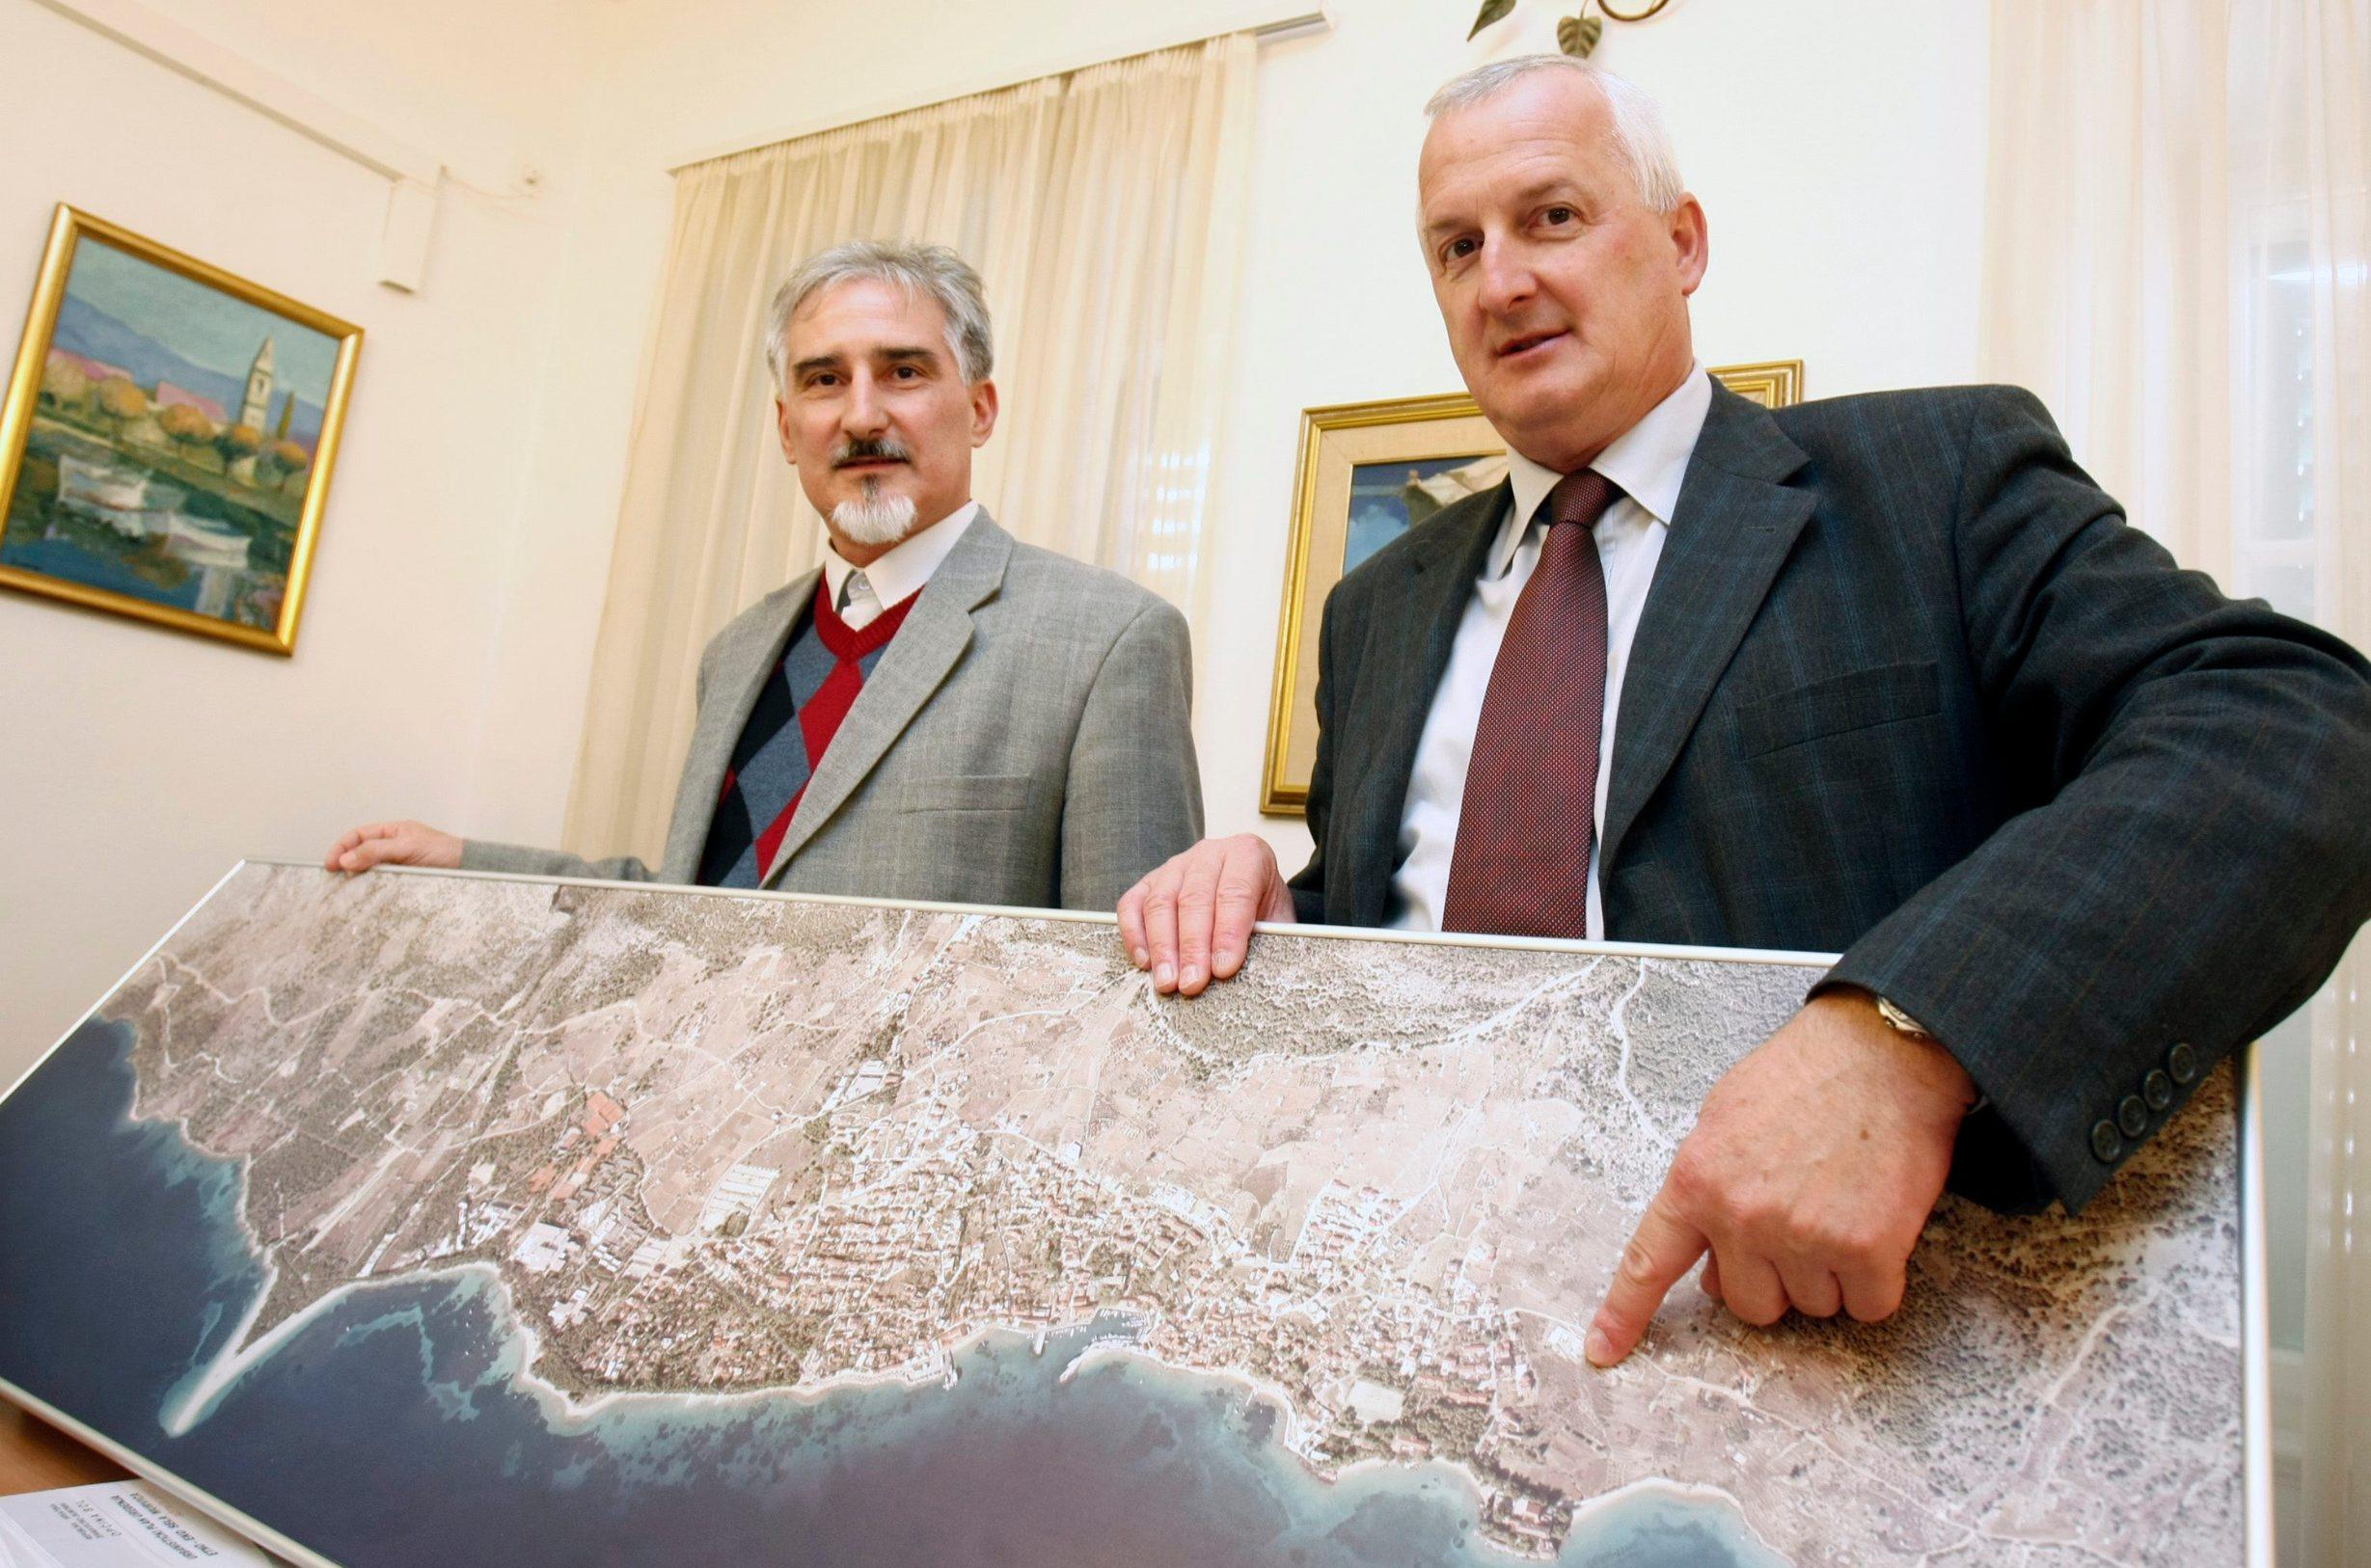 Tihomir Marinković, načelnik općine Bol, i Stipe Karmelić, pročelnik u općini Bol